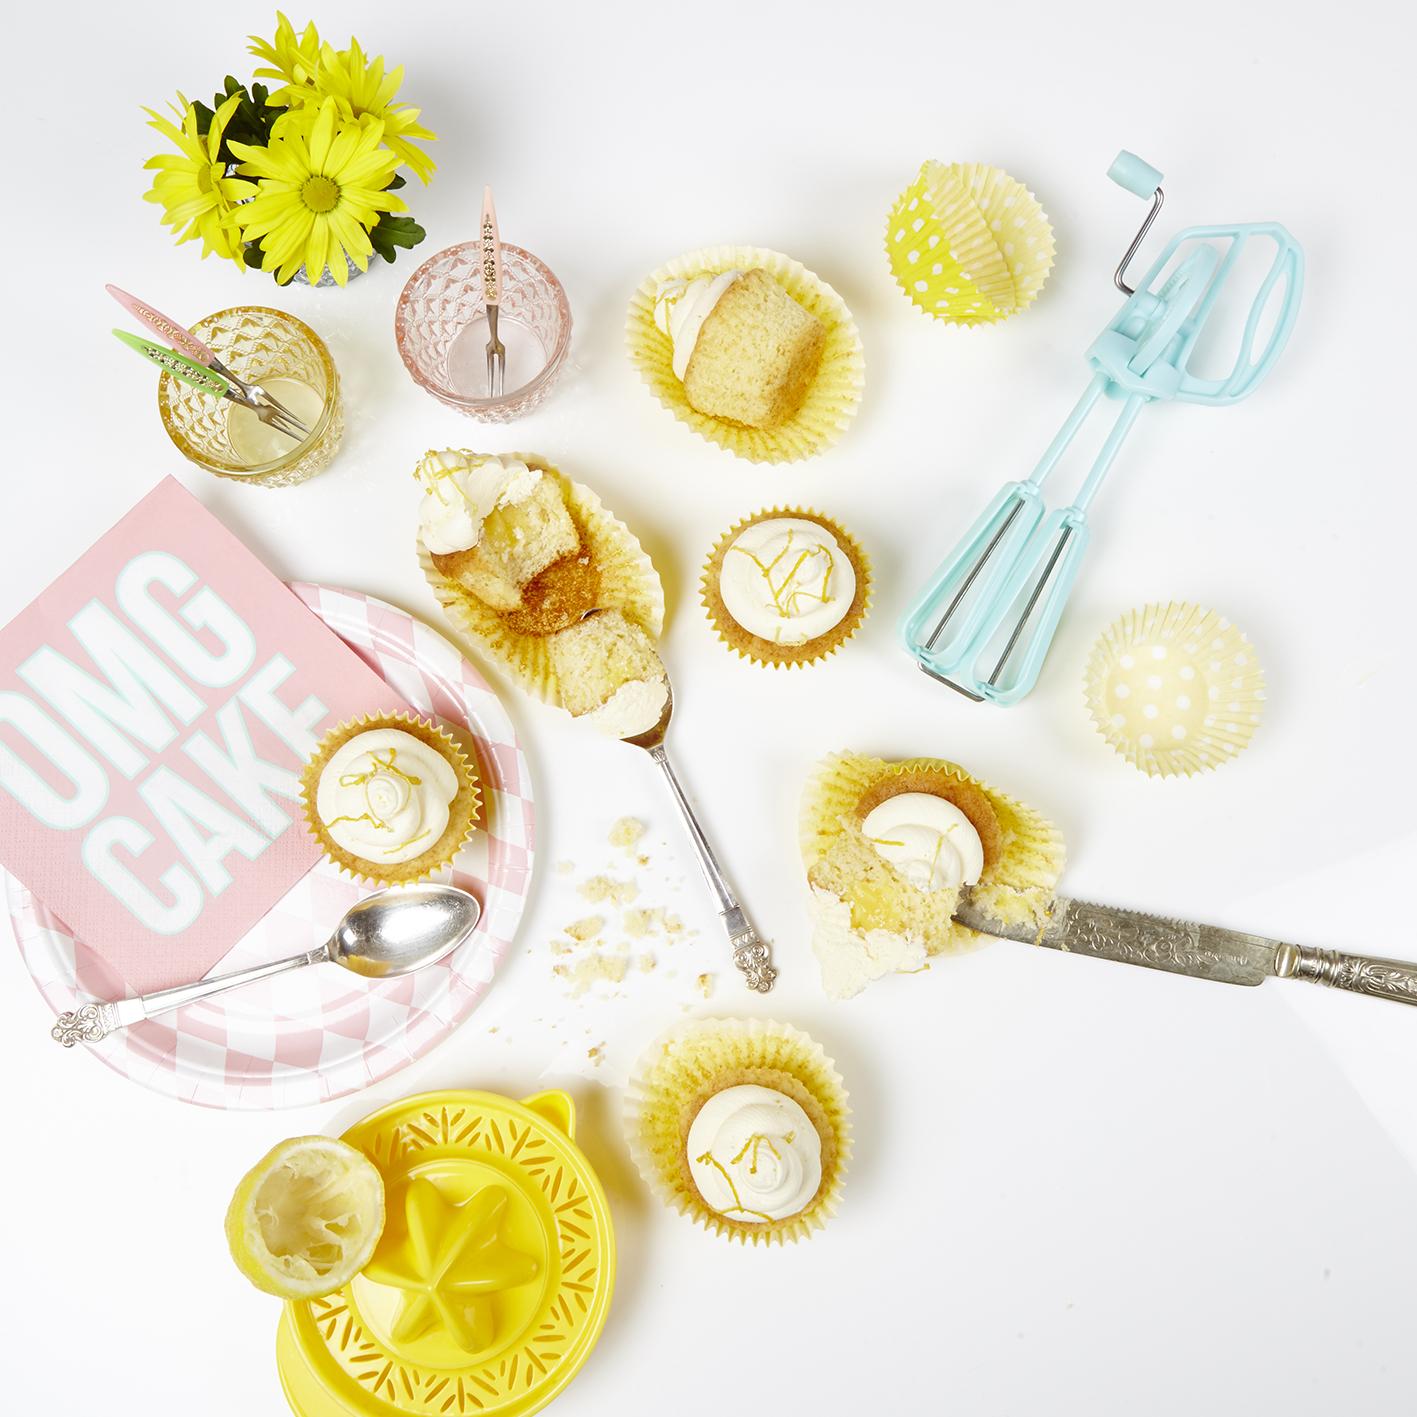 Lemon Meringue Cupcakes by Terri Bakes